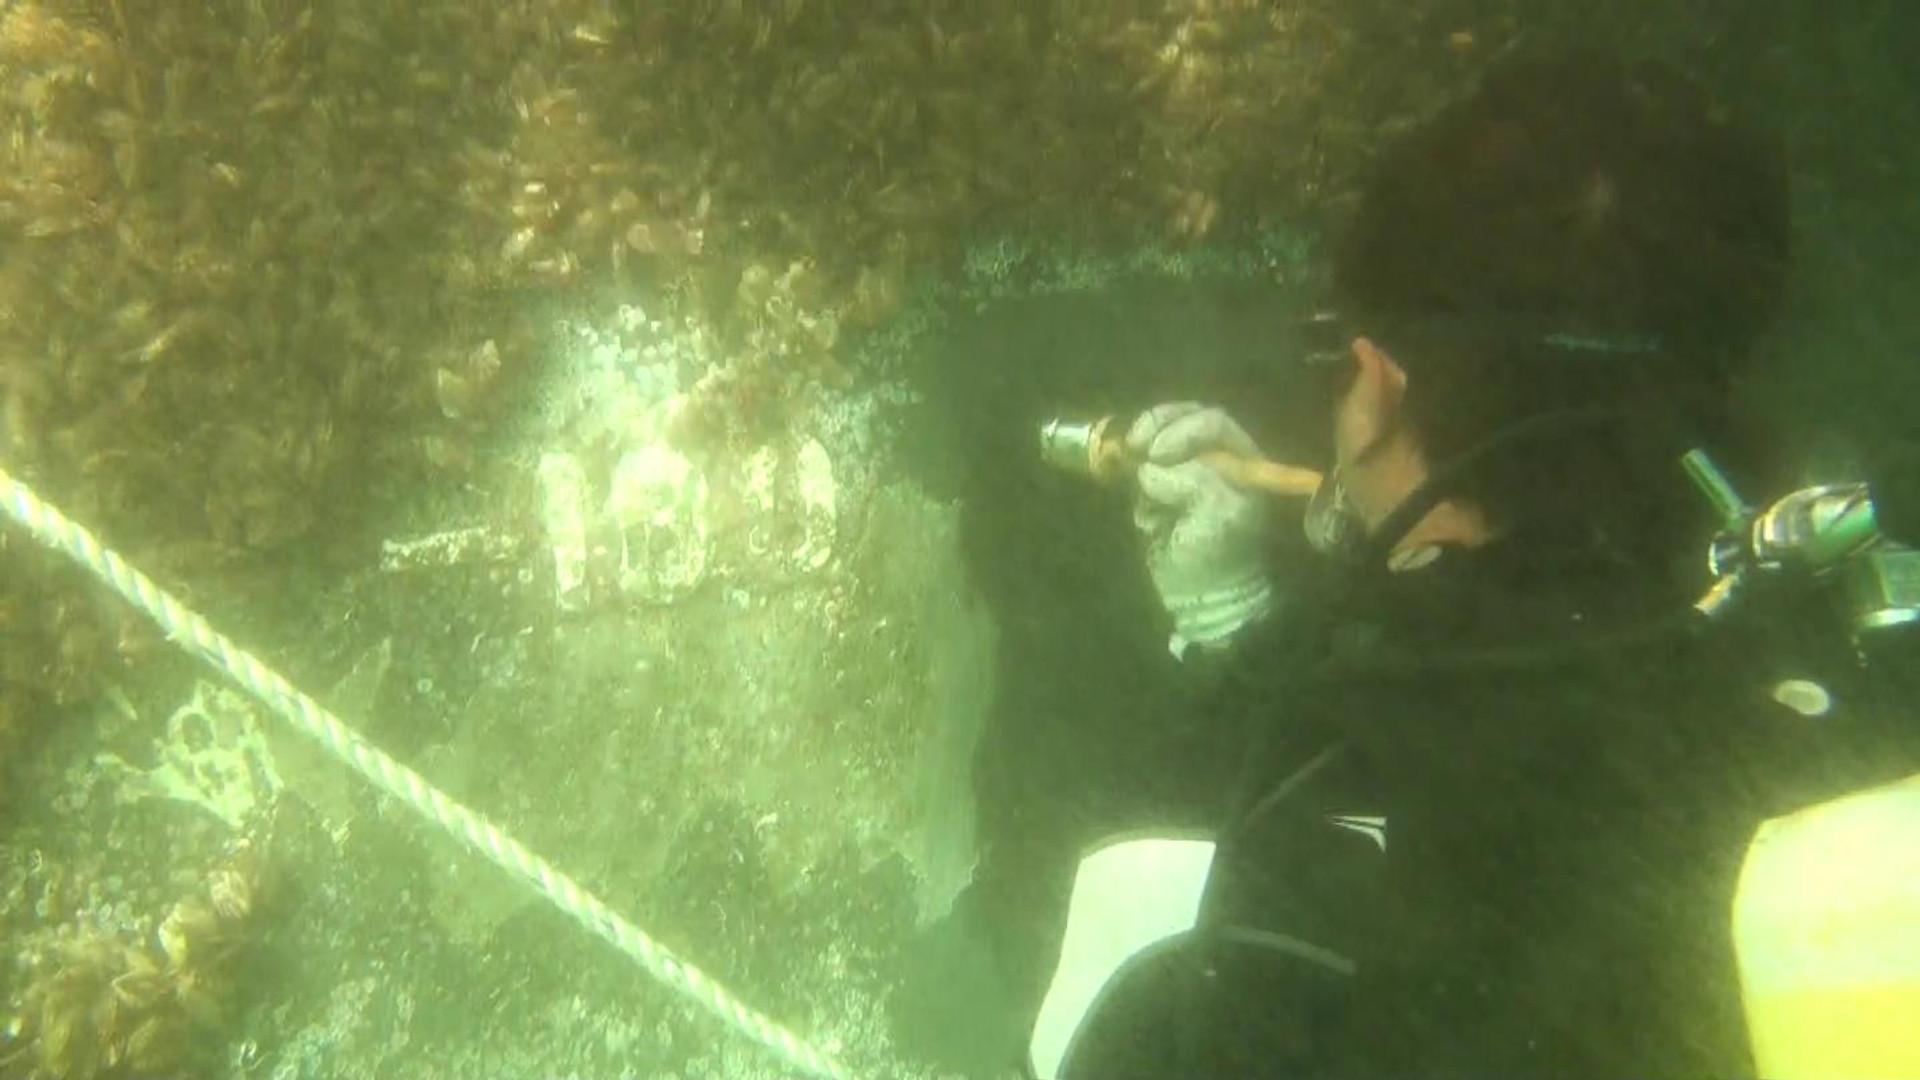 Alocit Hyundai repair underwater